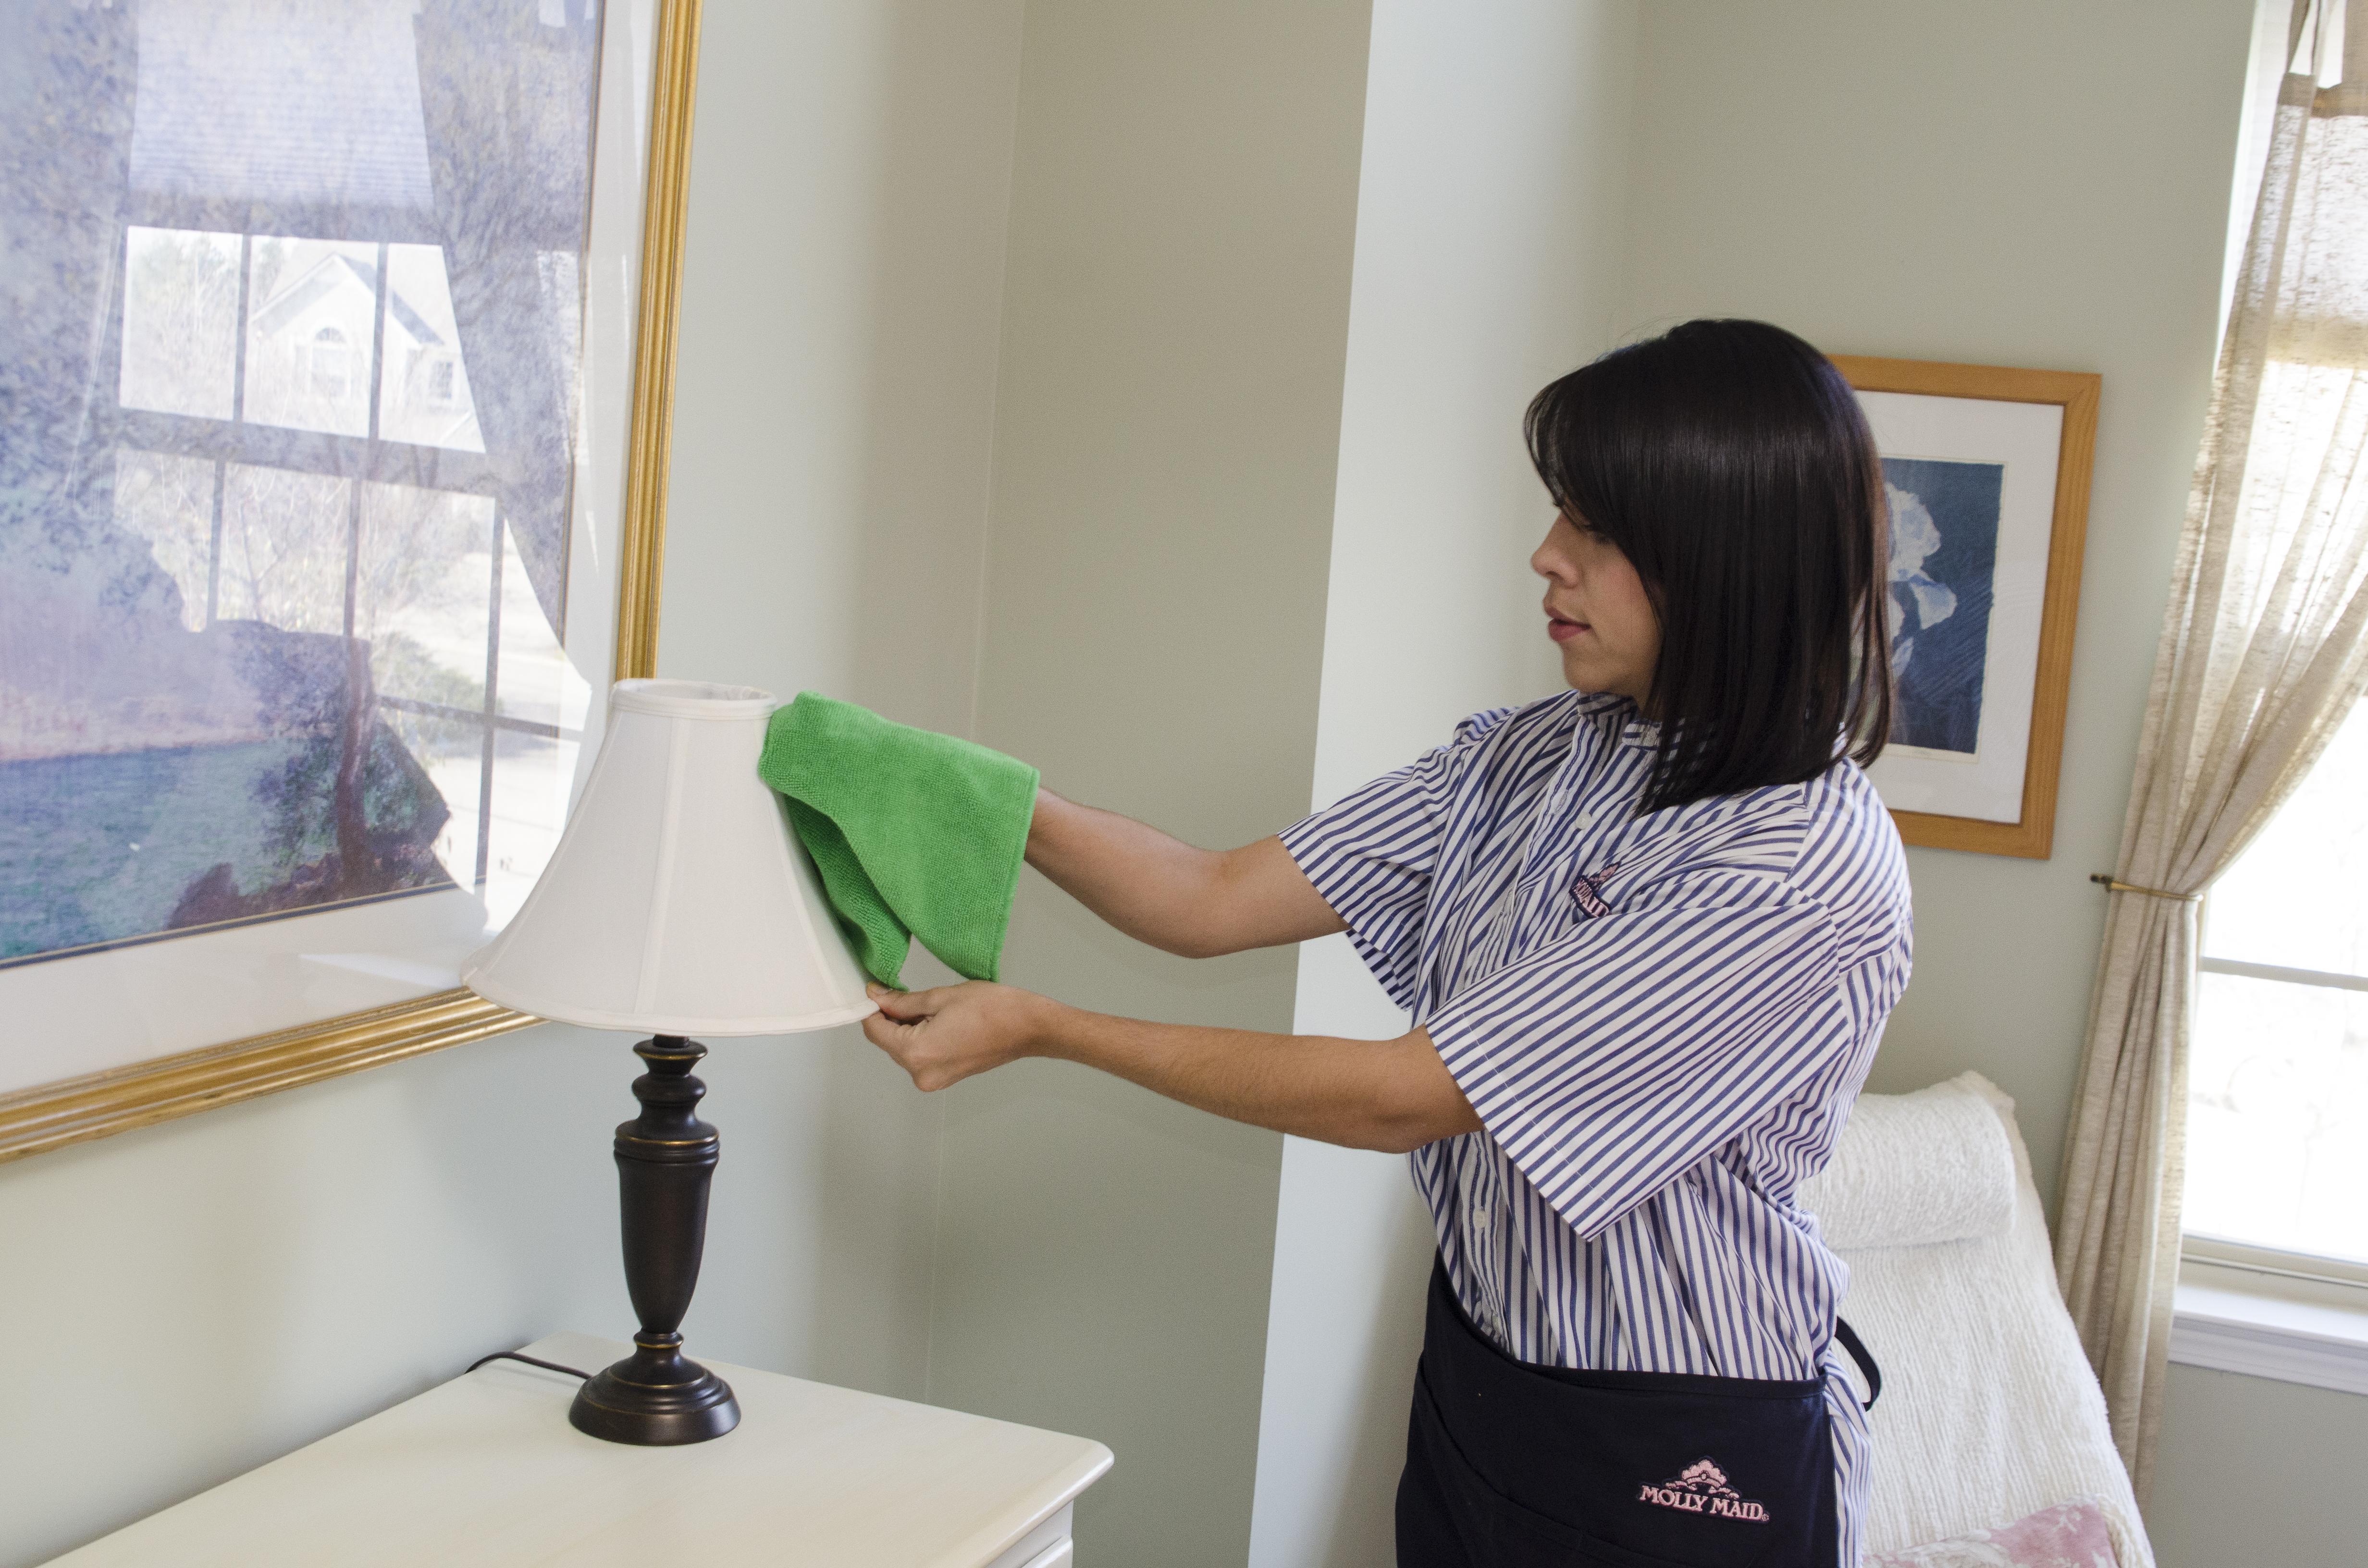 вариант чем протирать мебель чтобы не садилась пыль натуральные материалы тоже